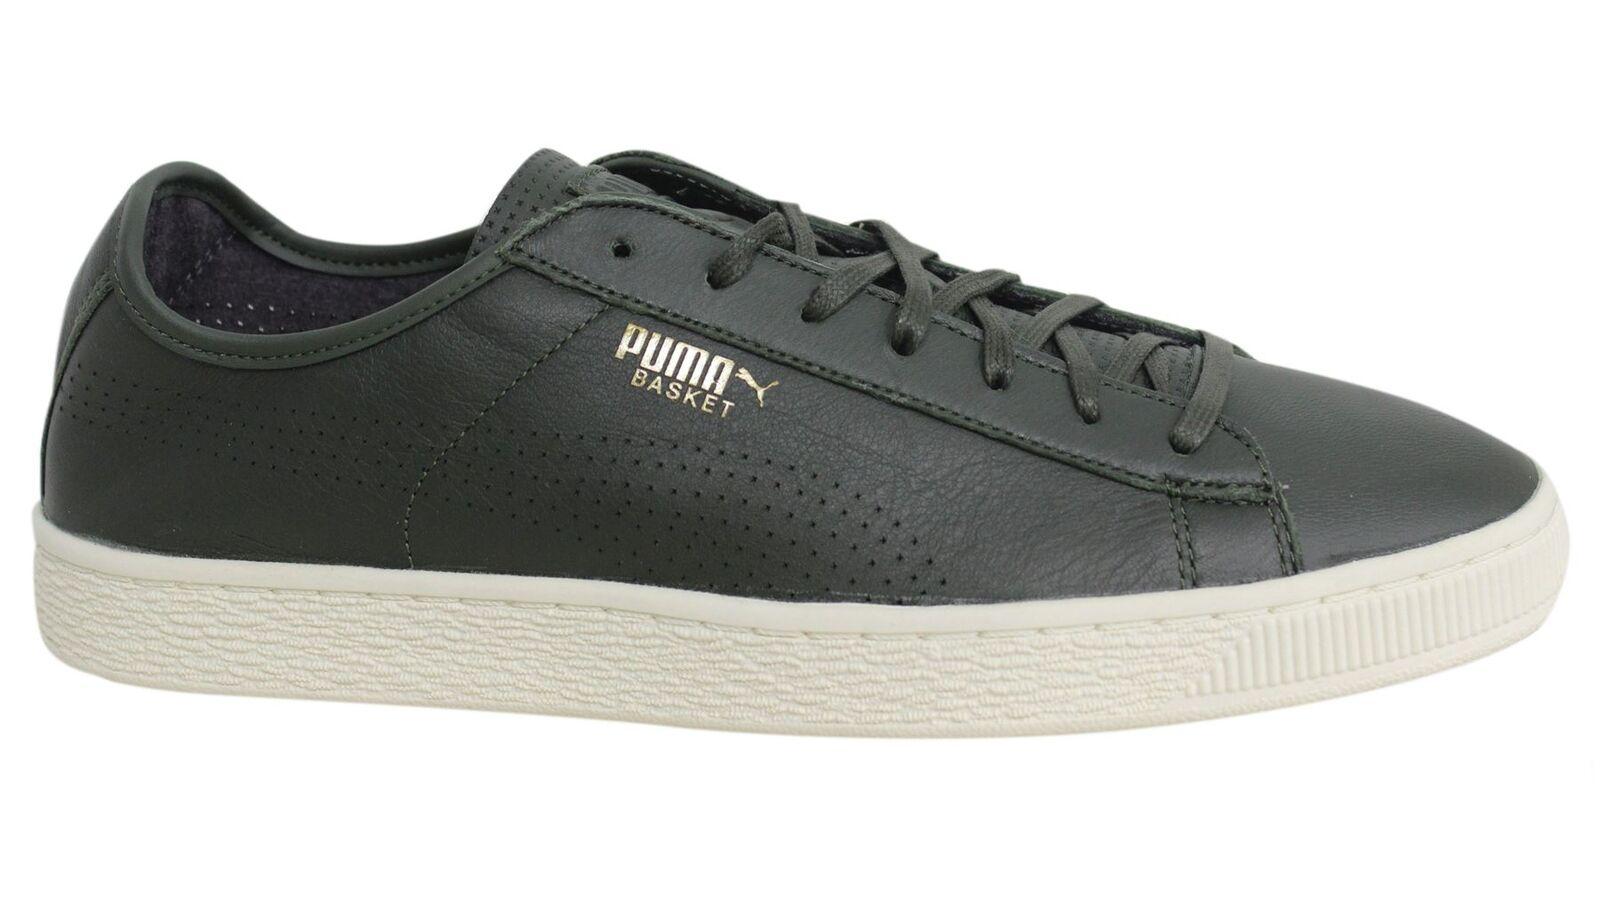 Puma Basket clásico clásico clásico de cuero suave con cordones para hombre tenis 363824 03 M12 4d50eb